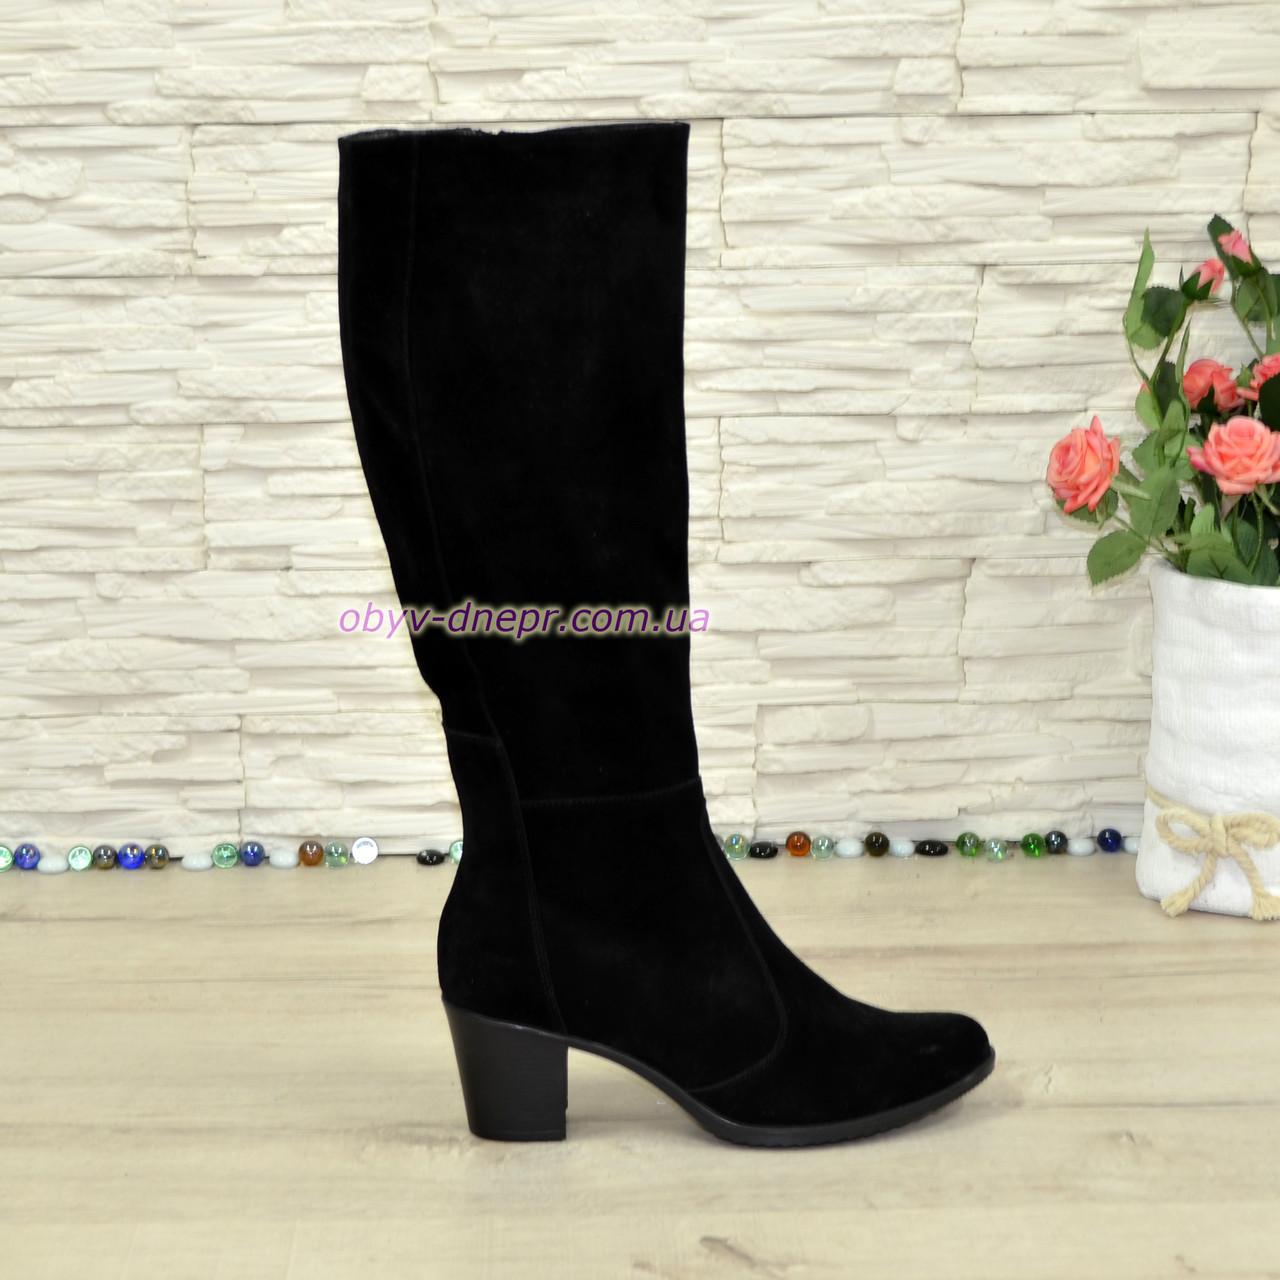 Сапоги демисезонные женские черные на устойчивом каблуке, натуральная замша